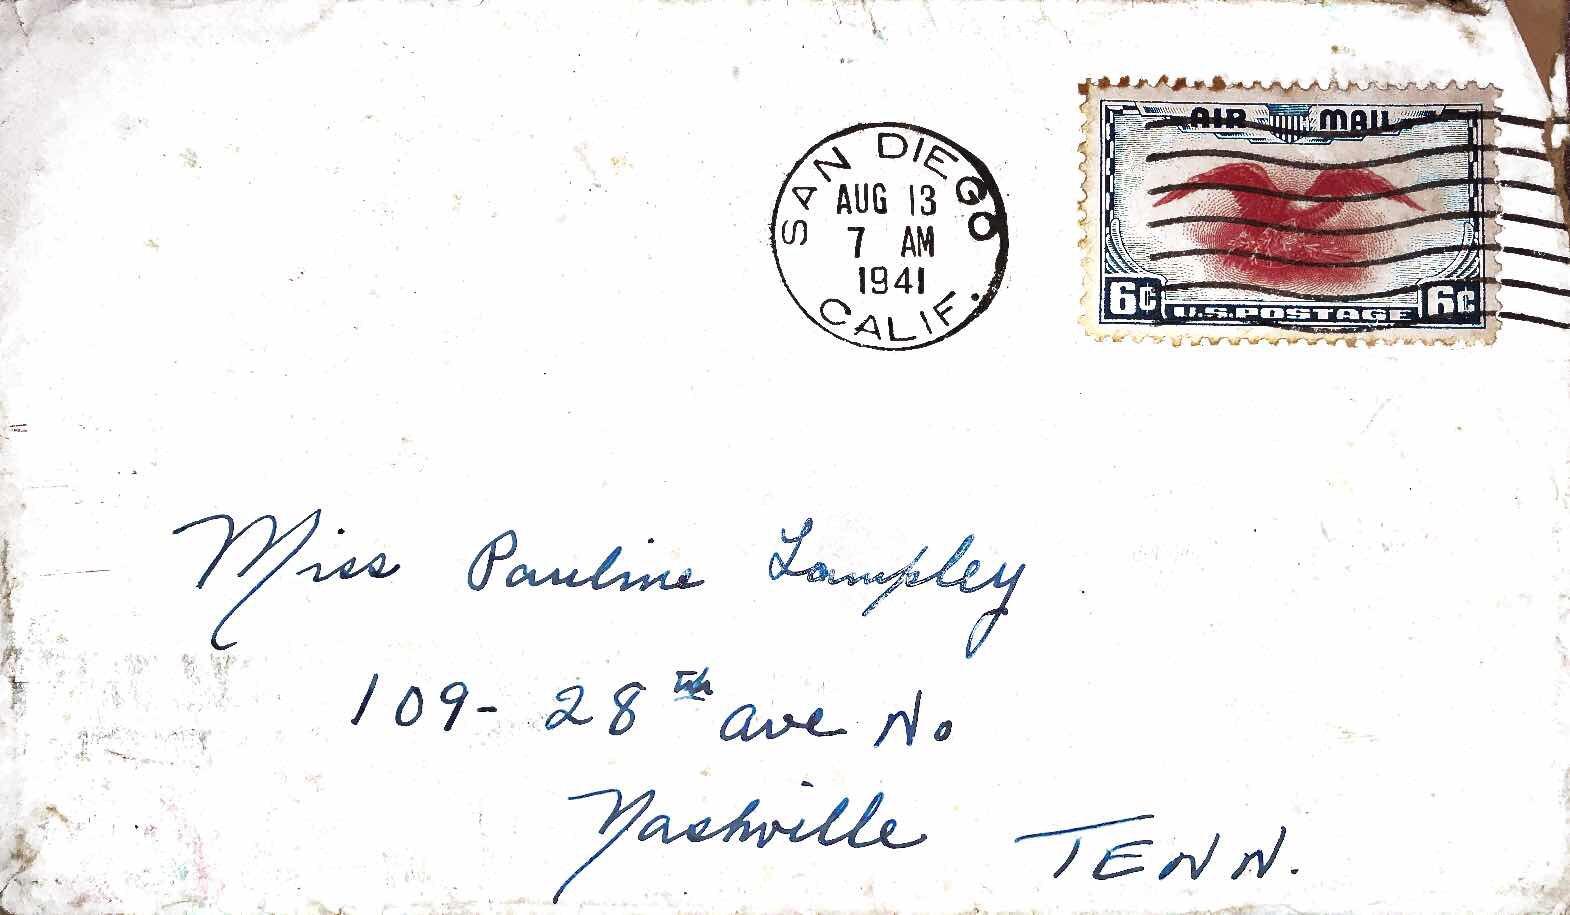 August 12, 1941 Dear Pauline